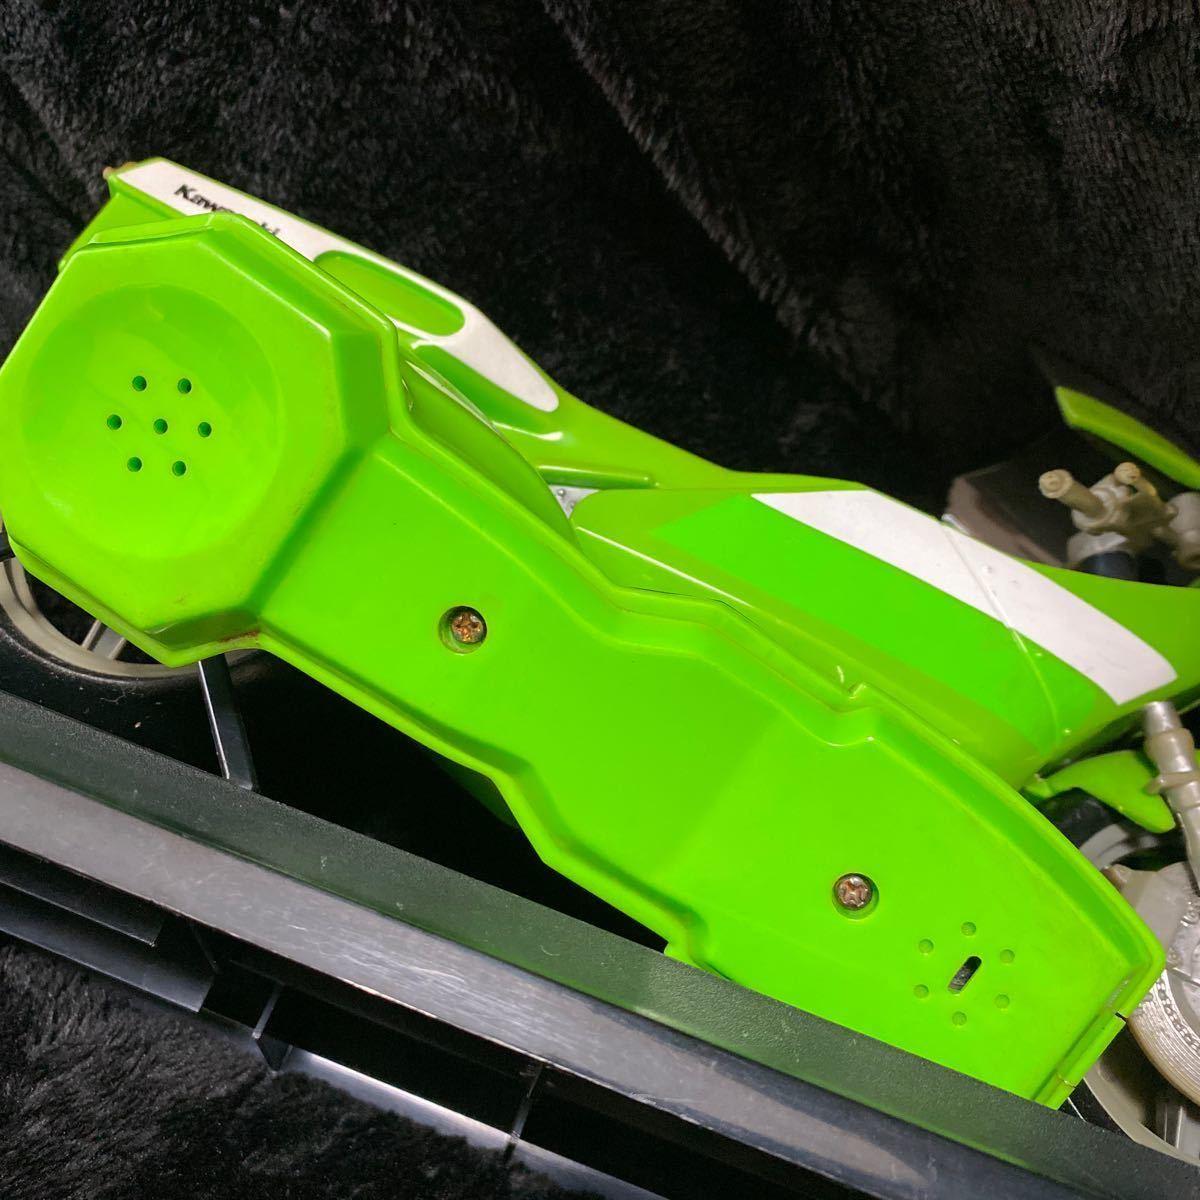 【現状渡し】Kawasaki YE-500 バイク型固定電話 ユピテル工業株式会社 レトロ コレクション品 カワサキ バイク アンティーク 電話機電話器_画像8